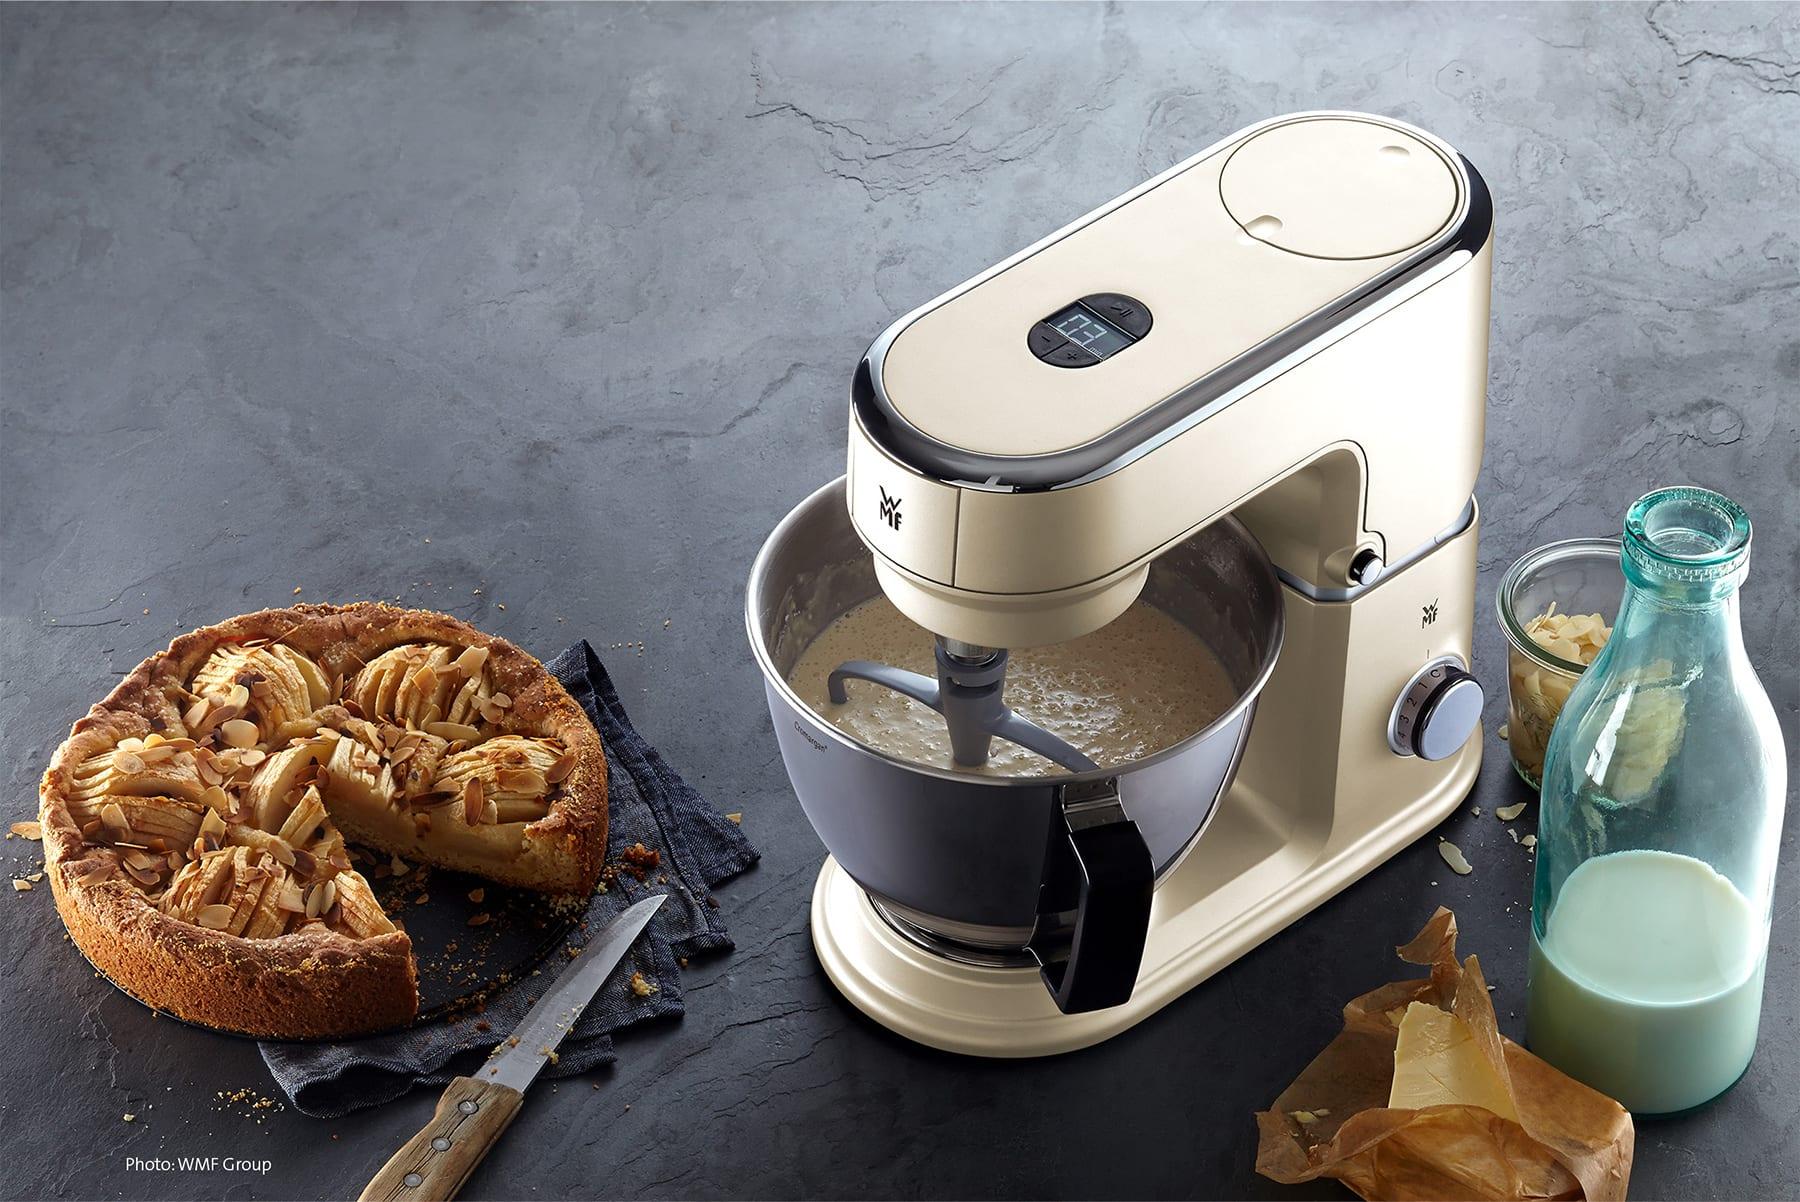 wmf küchenmaschine 001